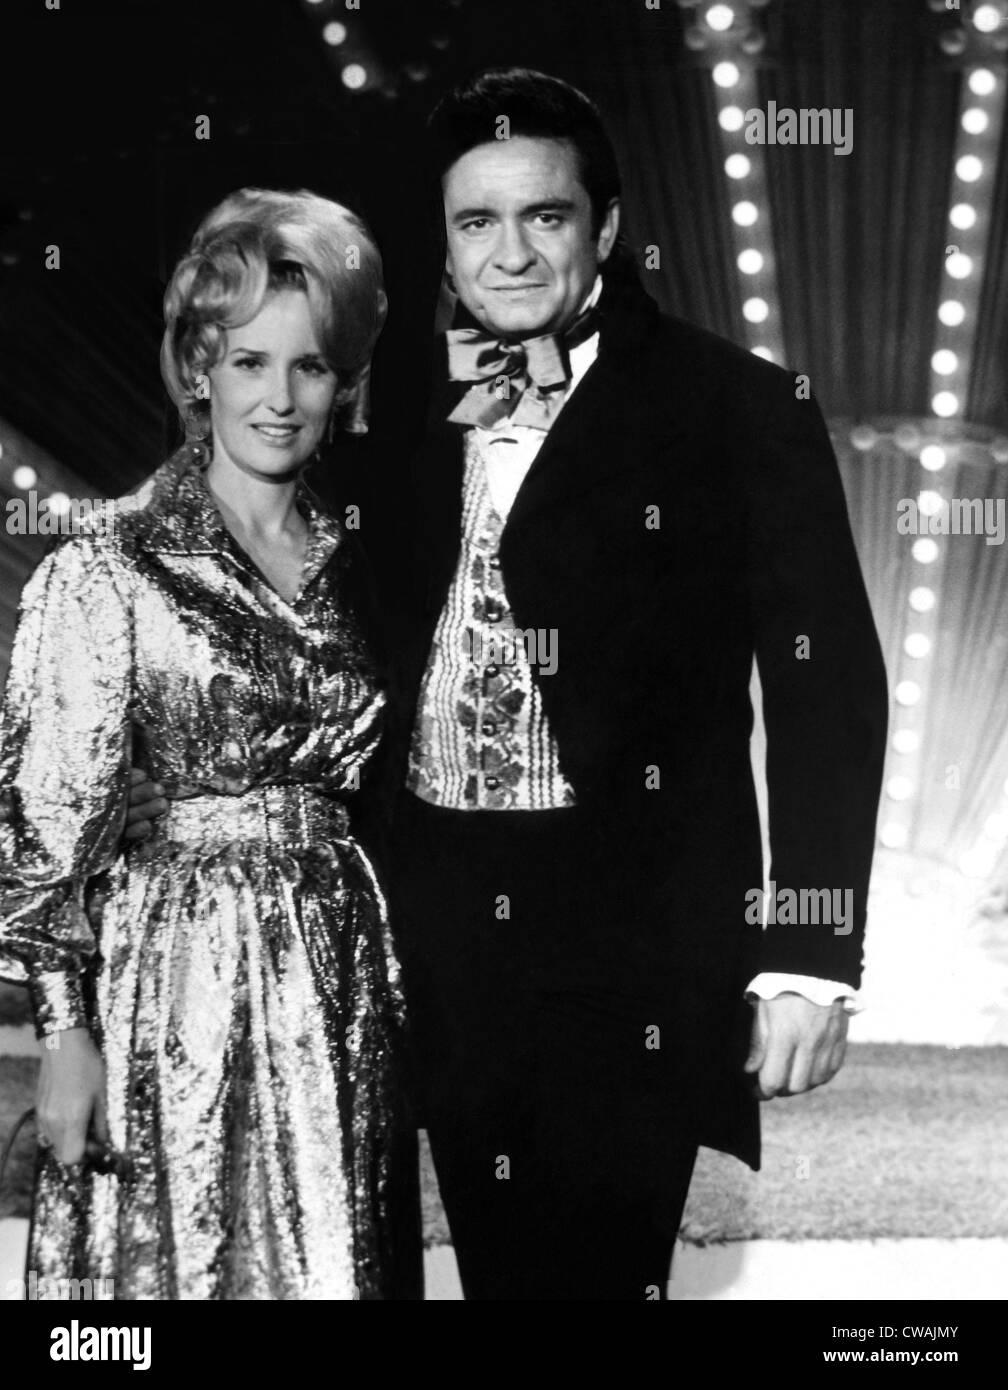 Paese cantanti Tammy Wynette e Johnny Cash, 1971.. La cortesia: CSU Archivi / Everett Collection Immagini Stock